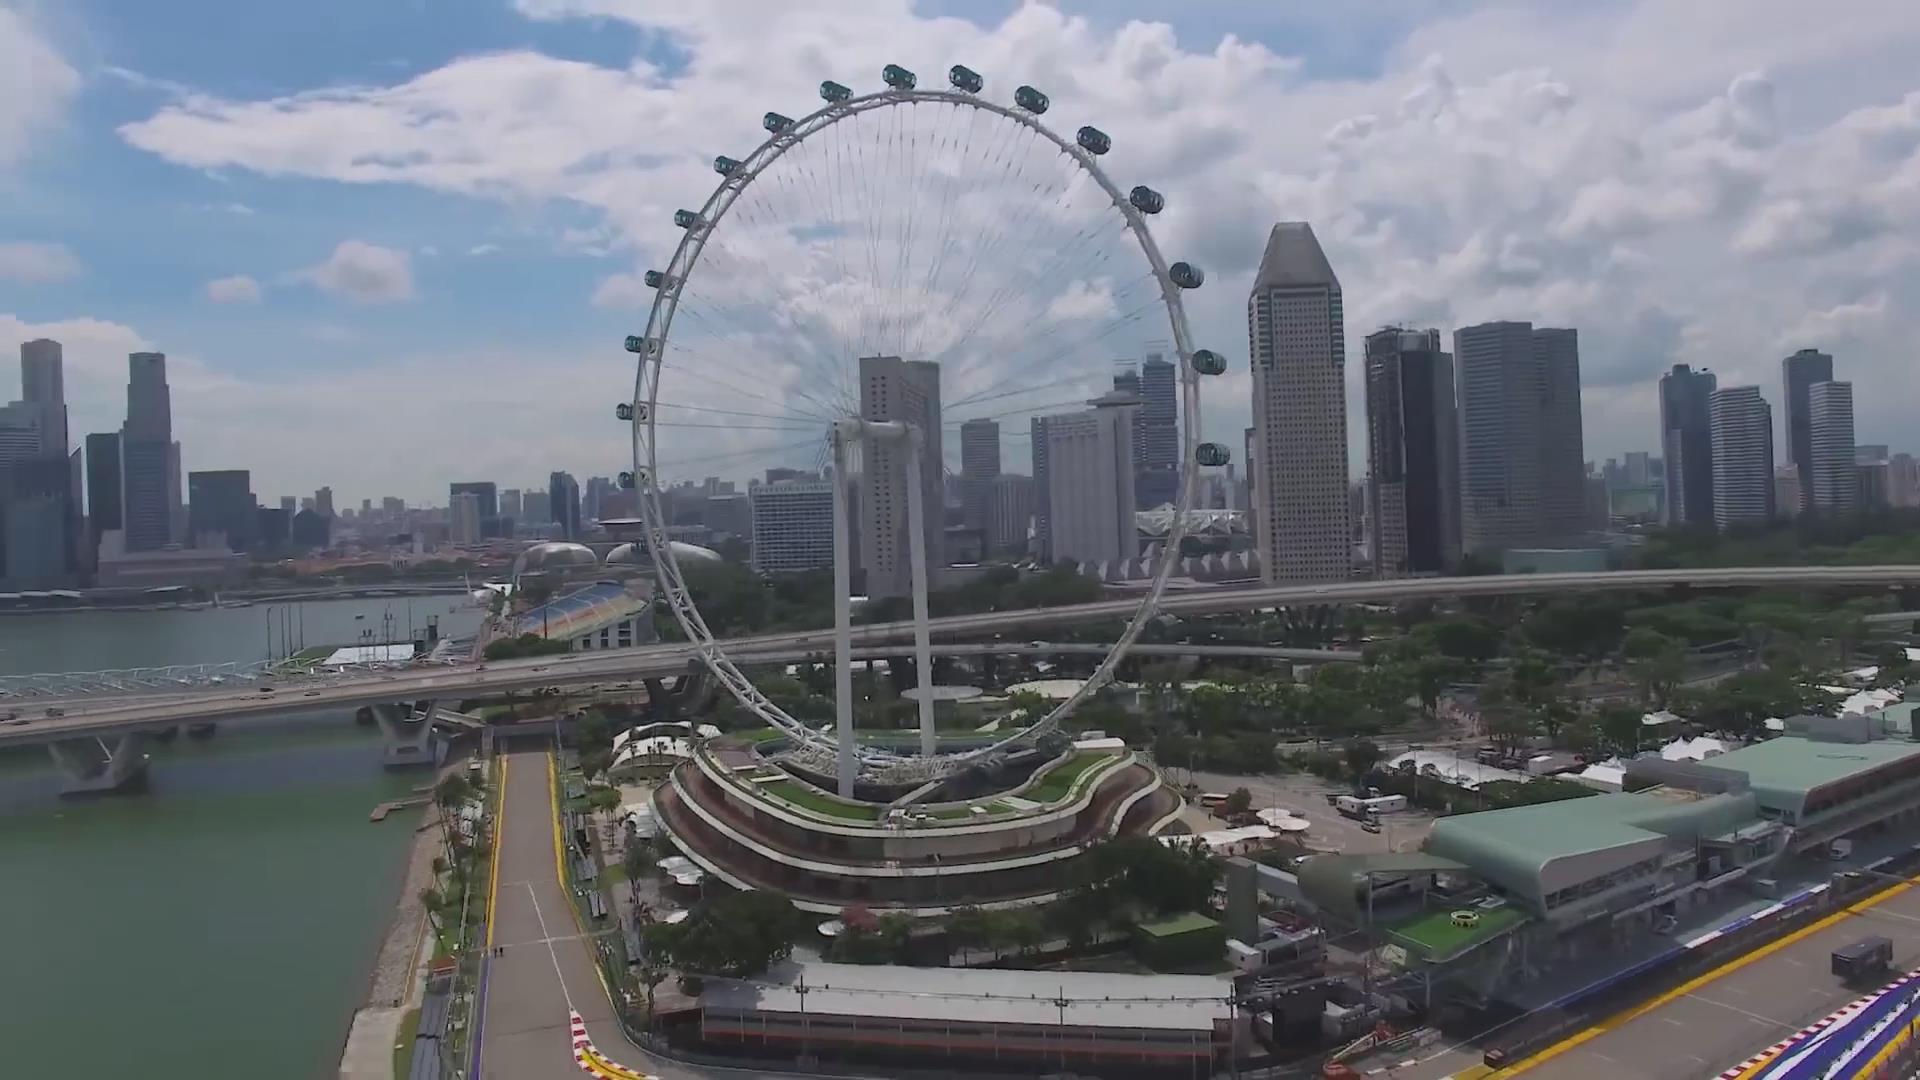 新加坡鱼尾狮大剧院金沙赌场总统府飞行者摩天轮电音节最高法院夜景延时